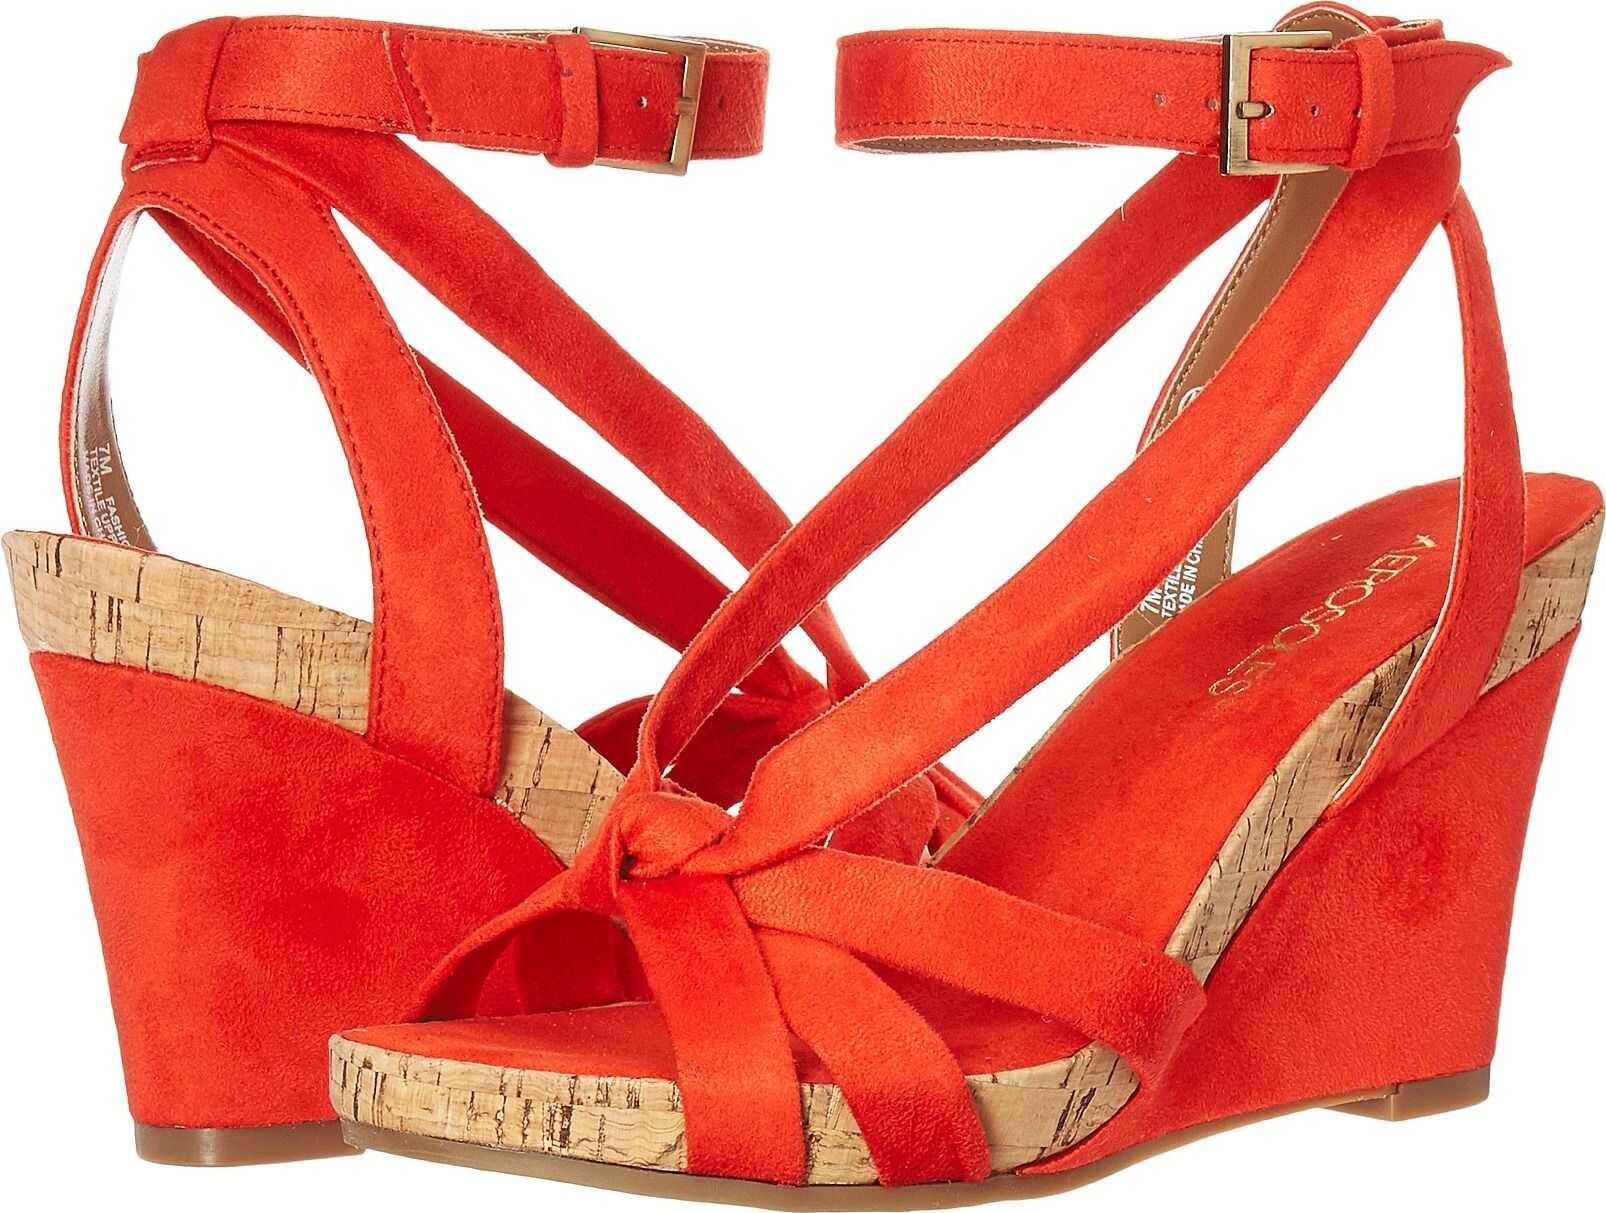 Aerosoles Fashion Plush Orange Fabric